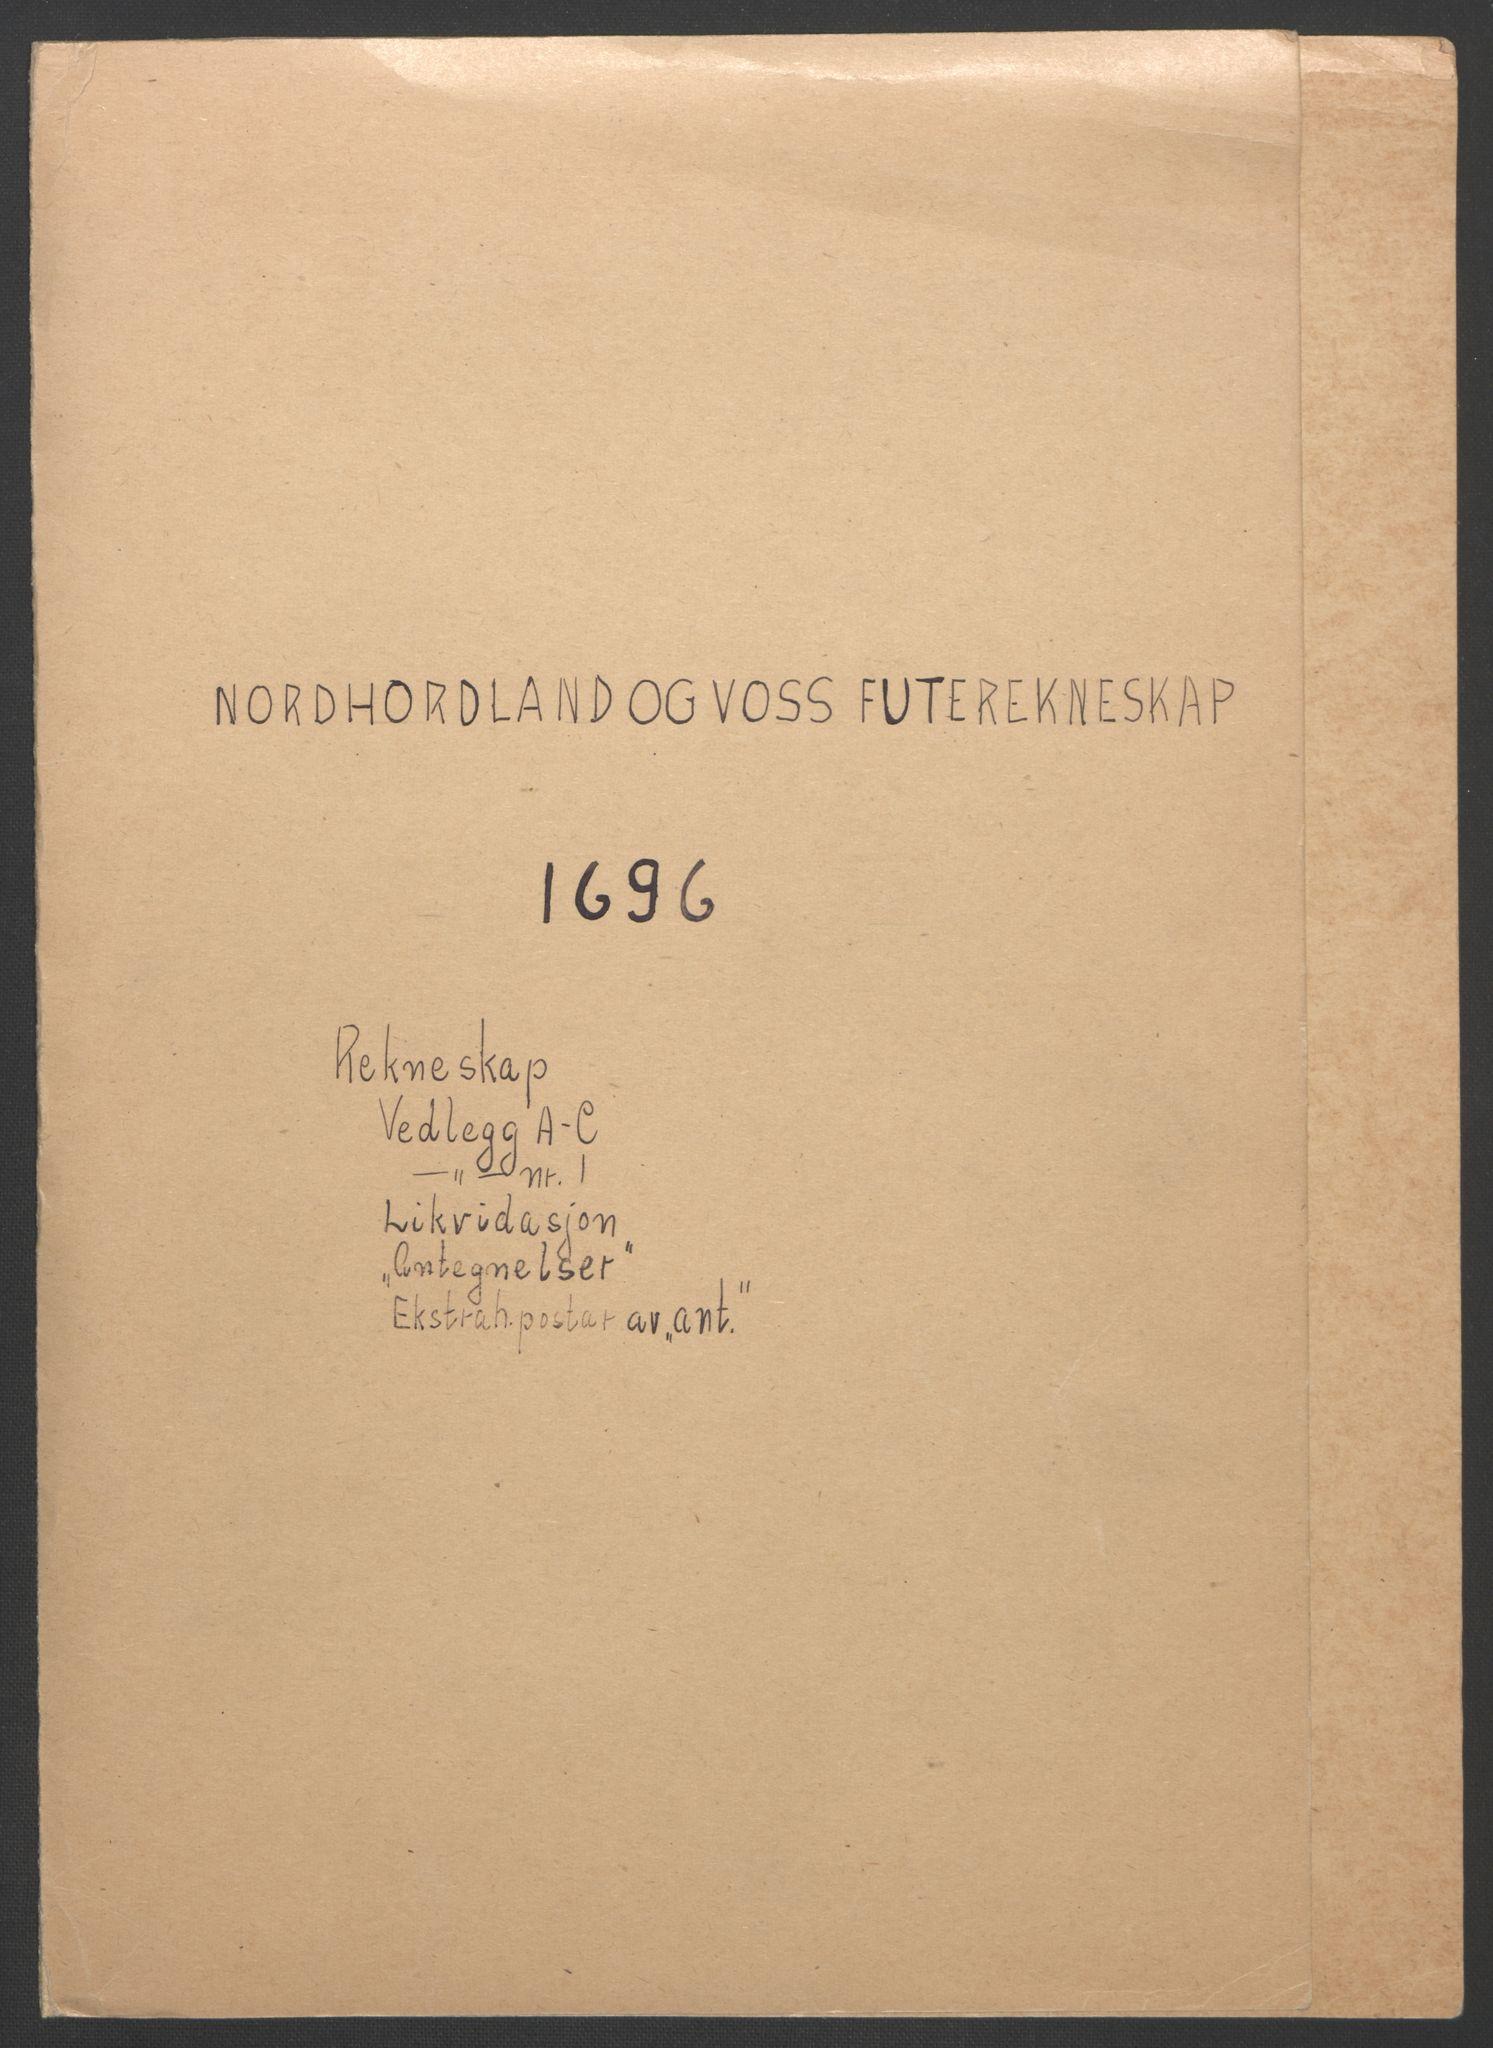 RA, Rentekammeret inntil 1814, Reviderte regnskaper, Fogderegnskap, R51/L3183: Fogderegnskap Nordhordland og Voss, 1695-1697, s. 136